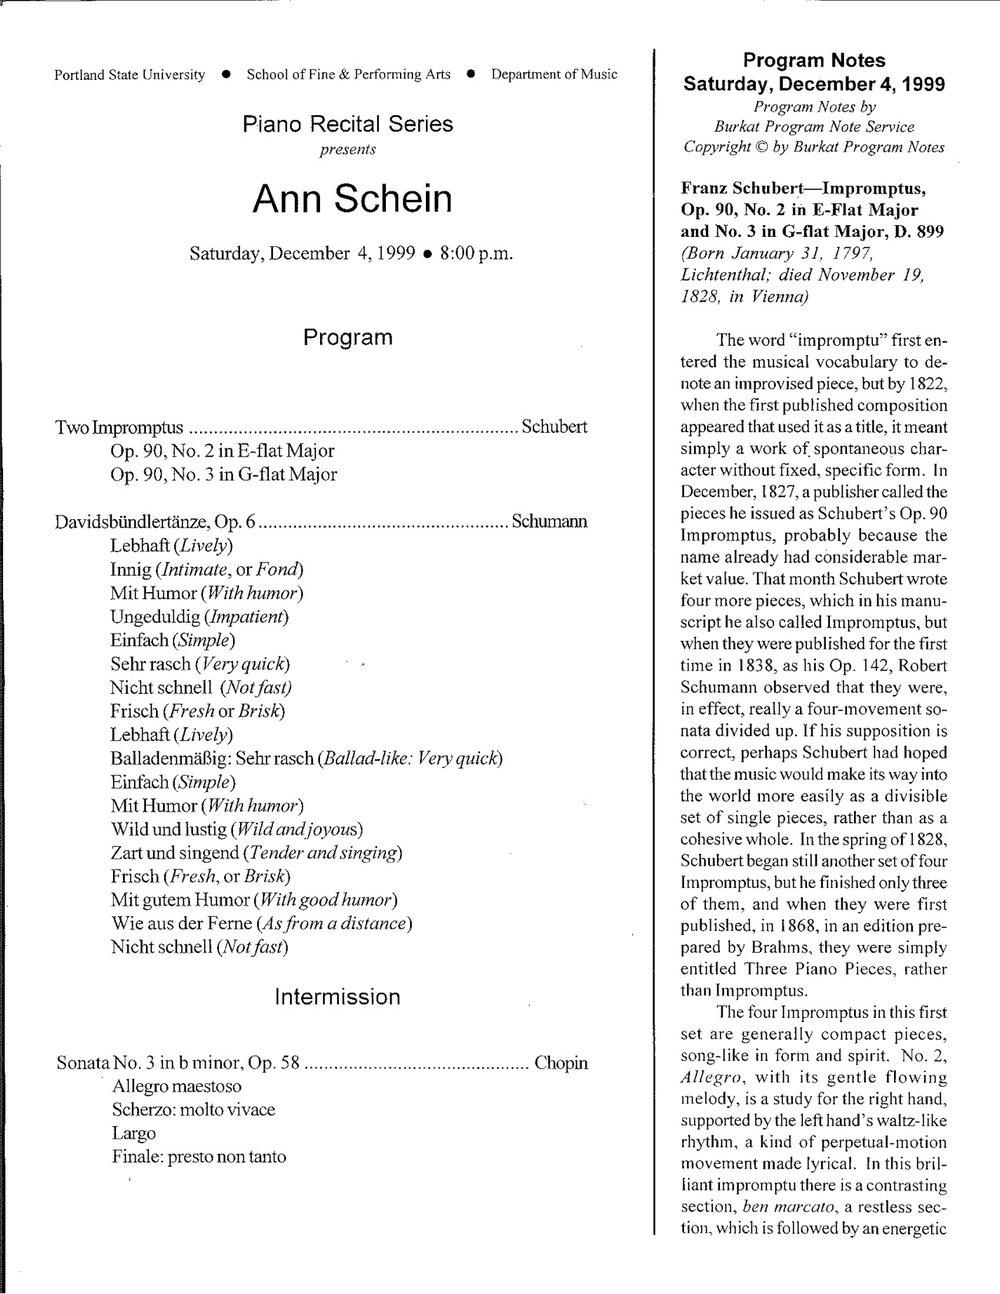 Schein99-00_Program2.jpg